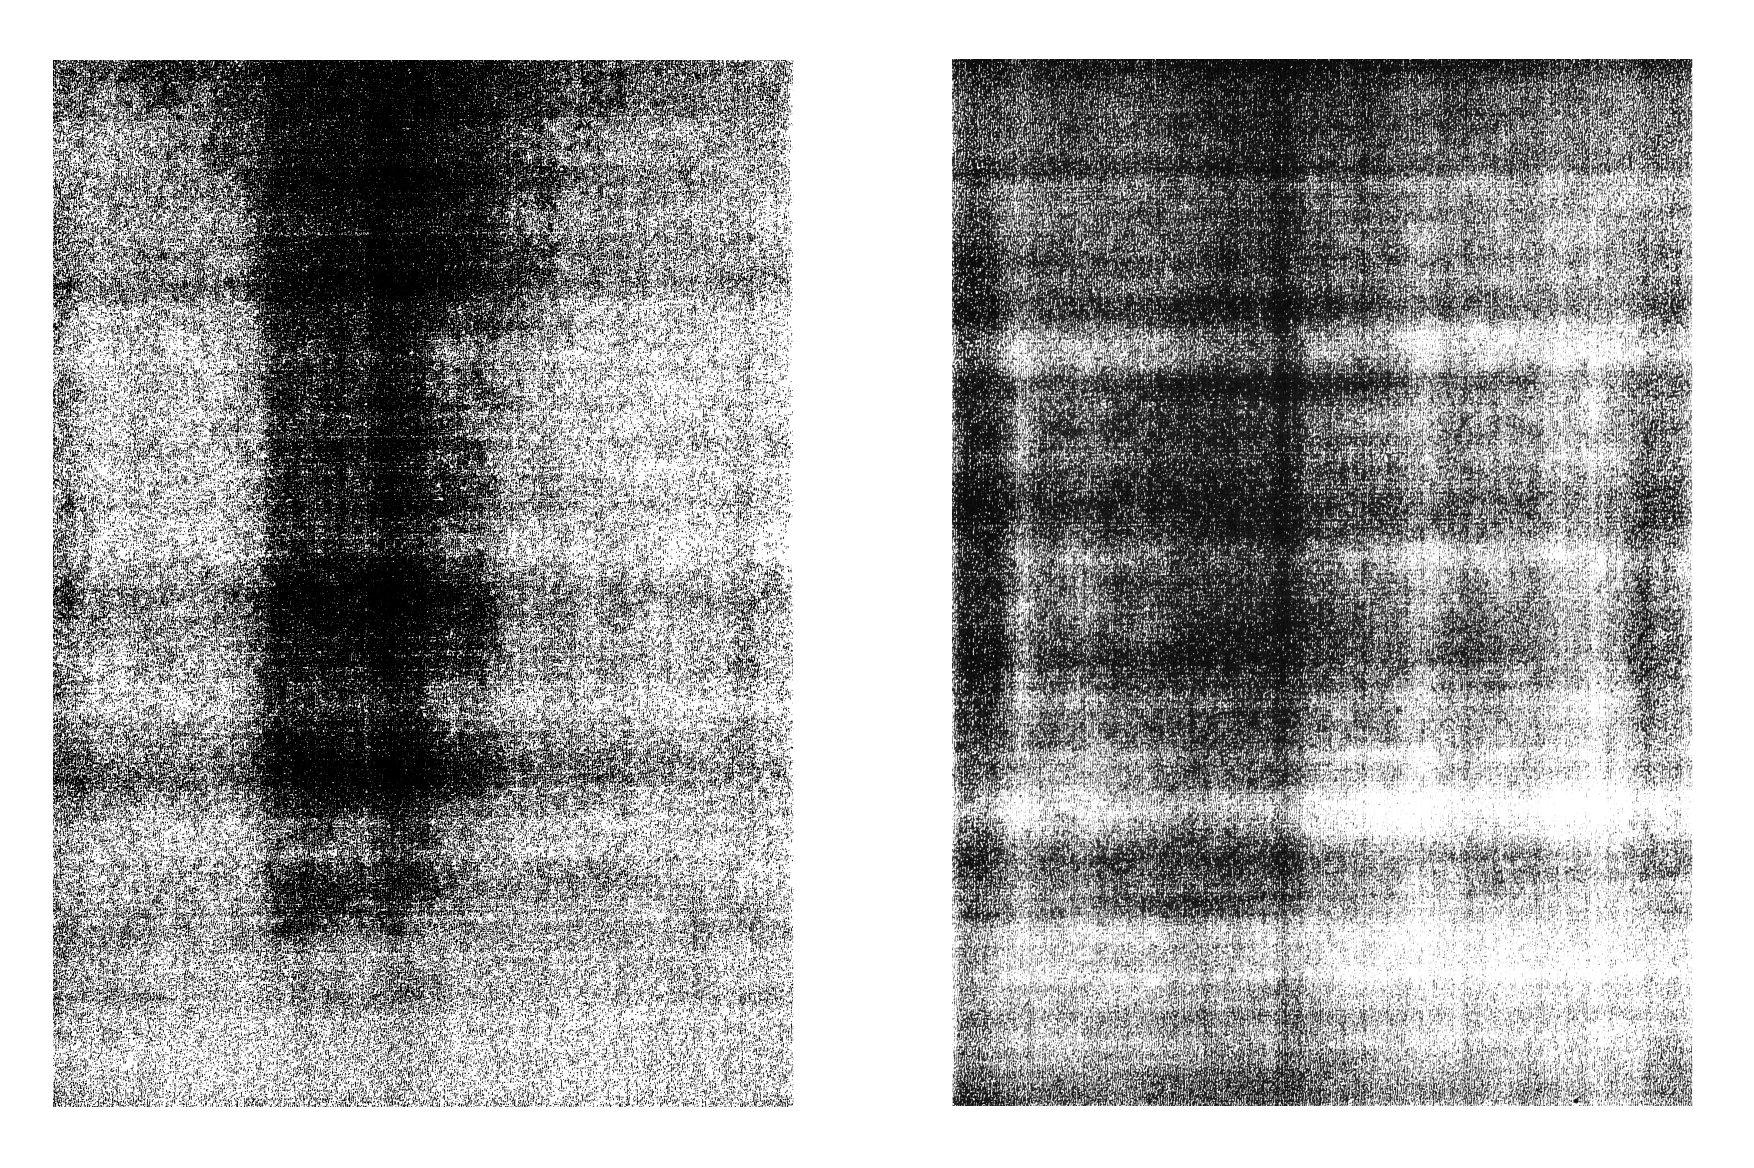 156款复古做旧折痕磨损褶皱纸张背景纹理素材合集 The Grunge Texture Bundle Vol. 1插图(87)